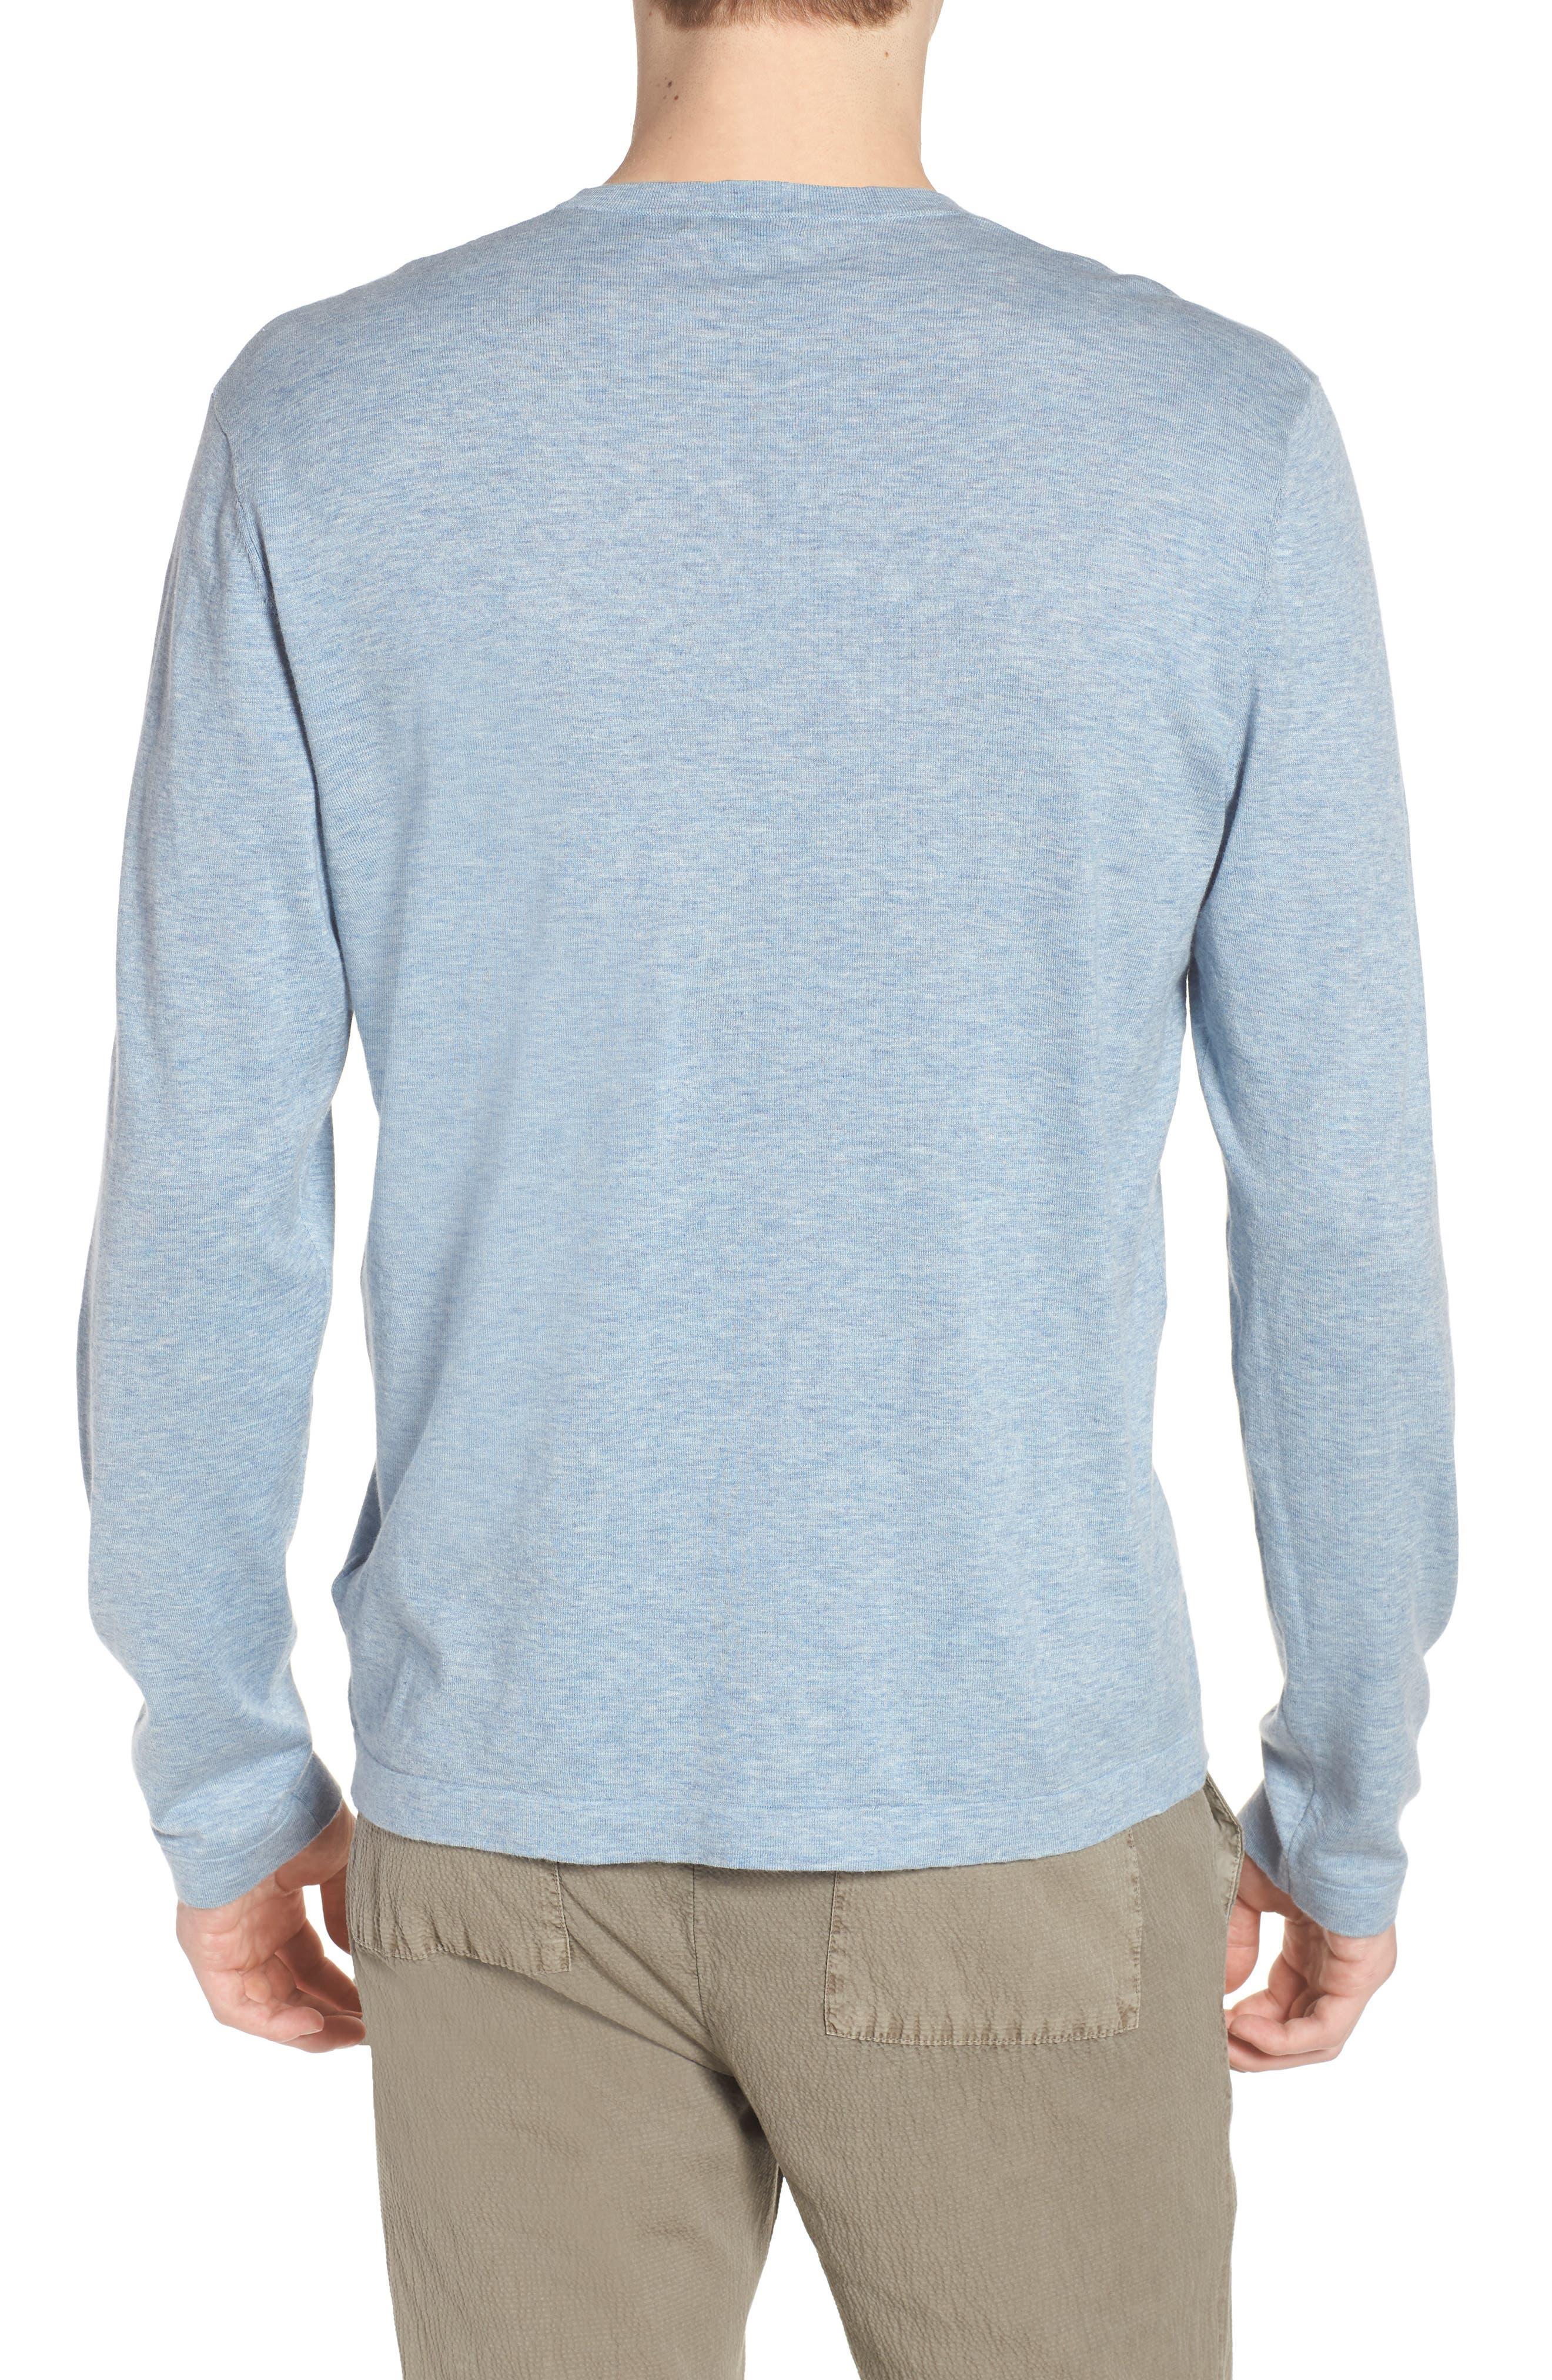 Fine Gauge Crewneck Sweater,                             Alternate thumbnail 2, color,                             Heather Sky Blue